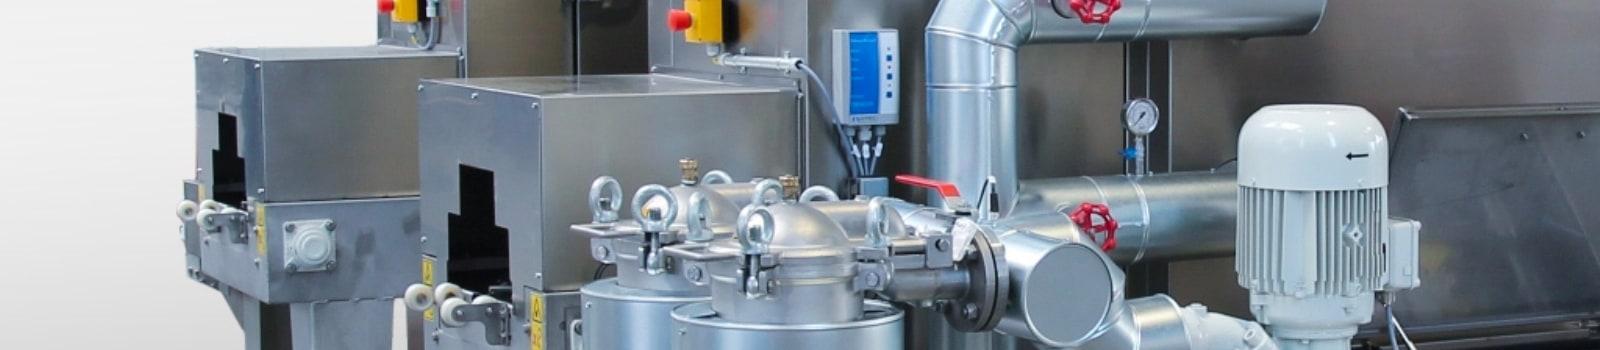 Filter mit hochwertiger Edelstahlisolierung an einer BvL-Reinigungsanlage